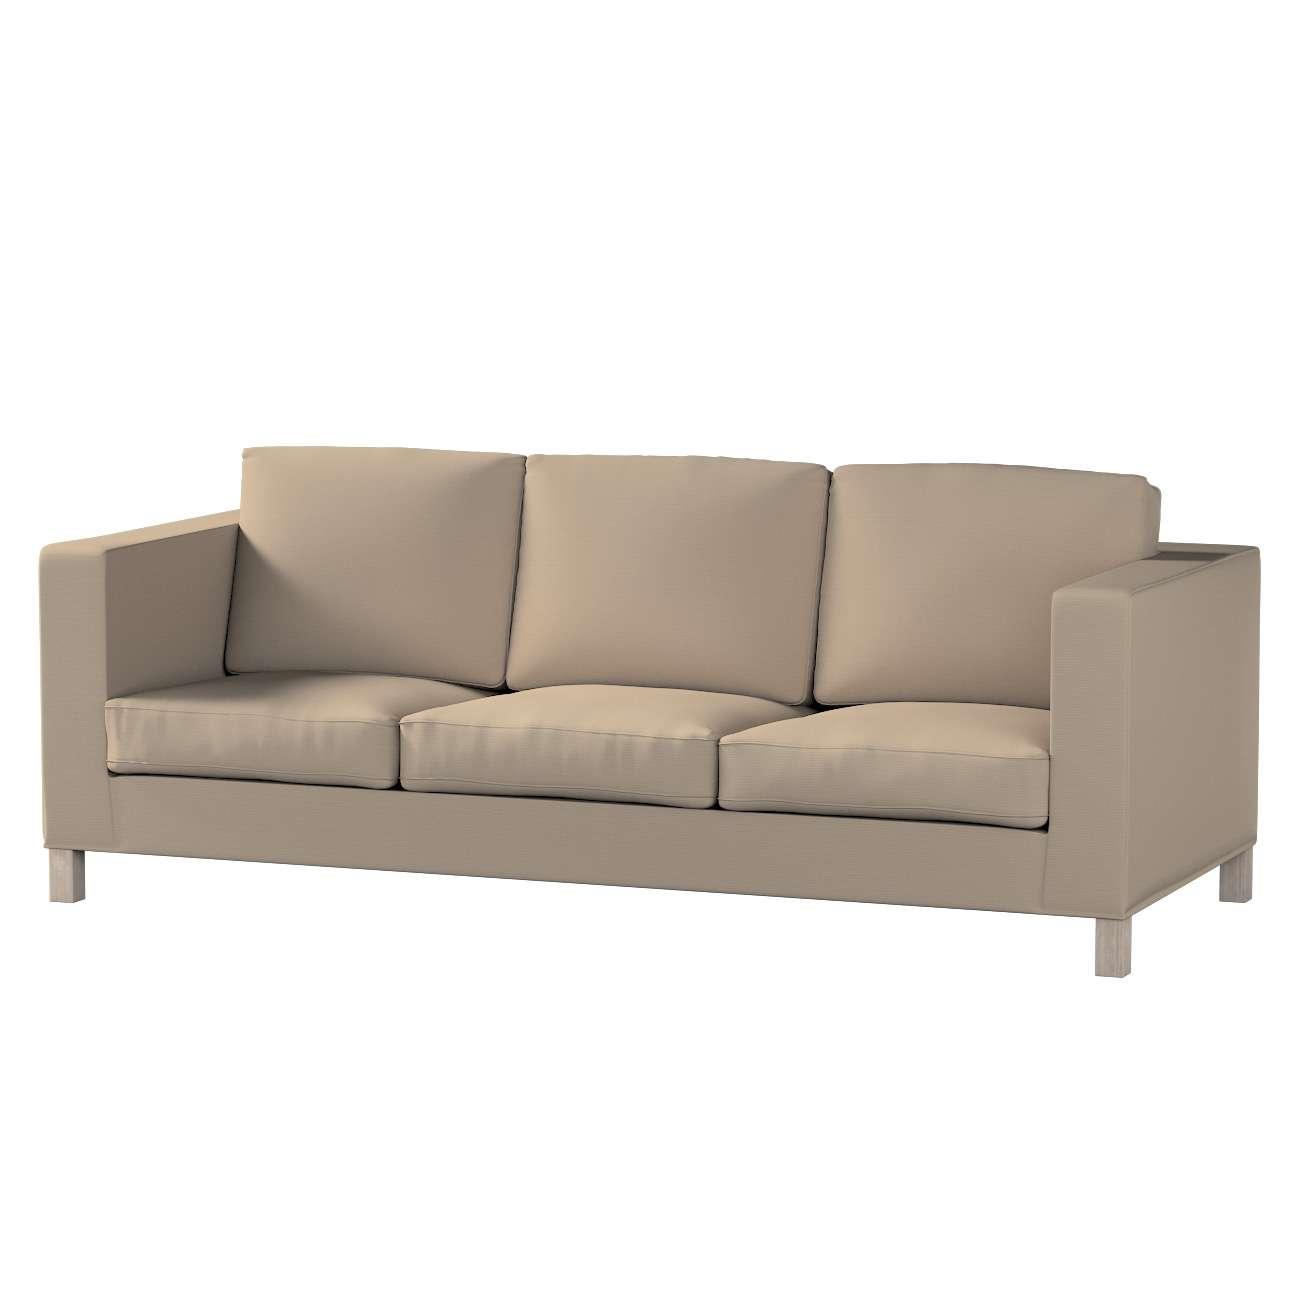 KARLANDA trivietės sofos užvalkalas KARLANDA trivietės sofos užvalkalas kolekcijoje Cotton Panama, audinys: 702-28